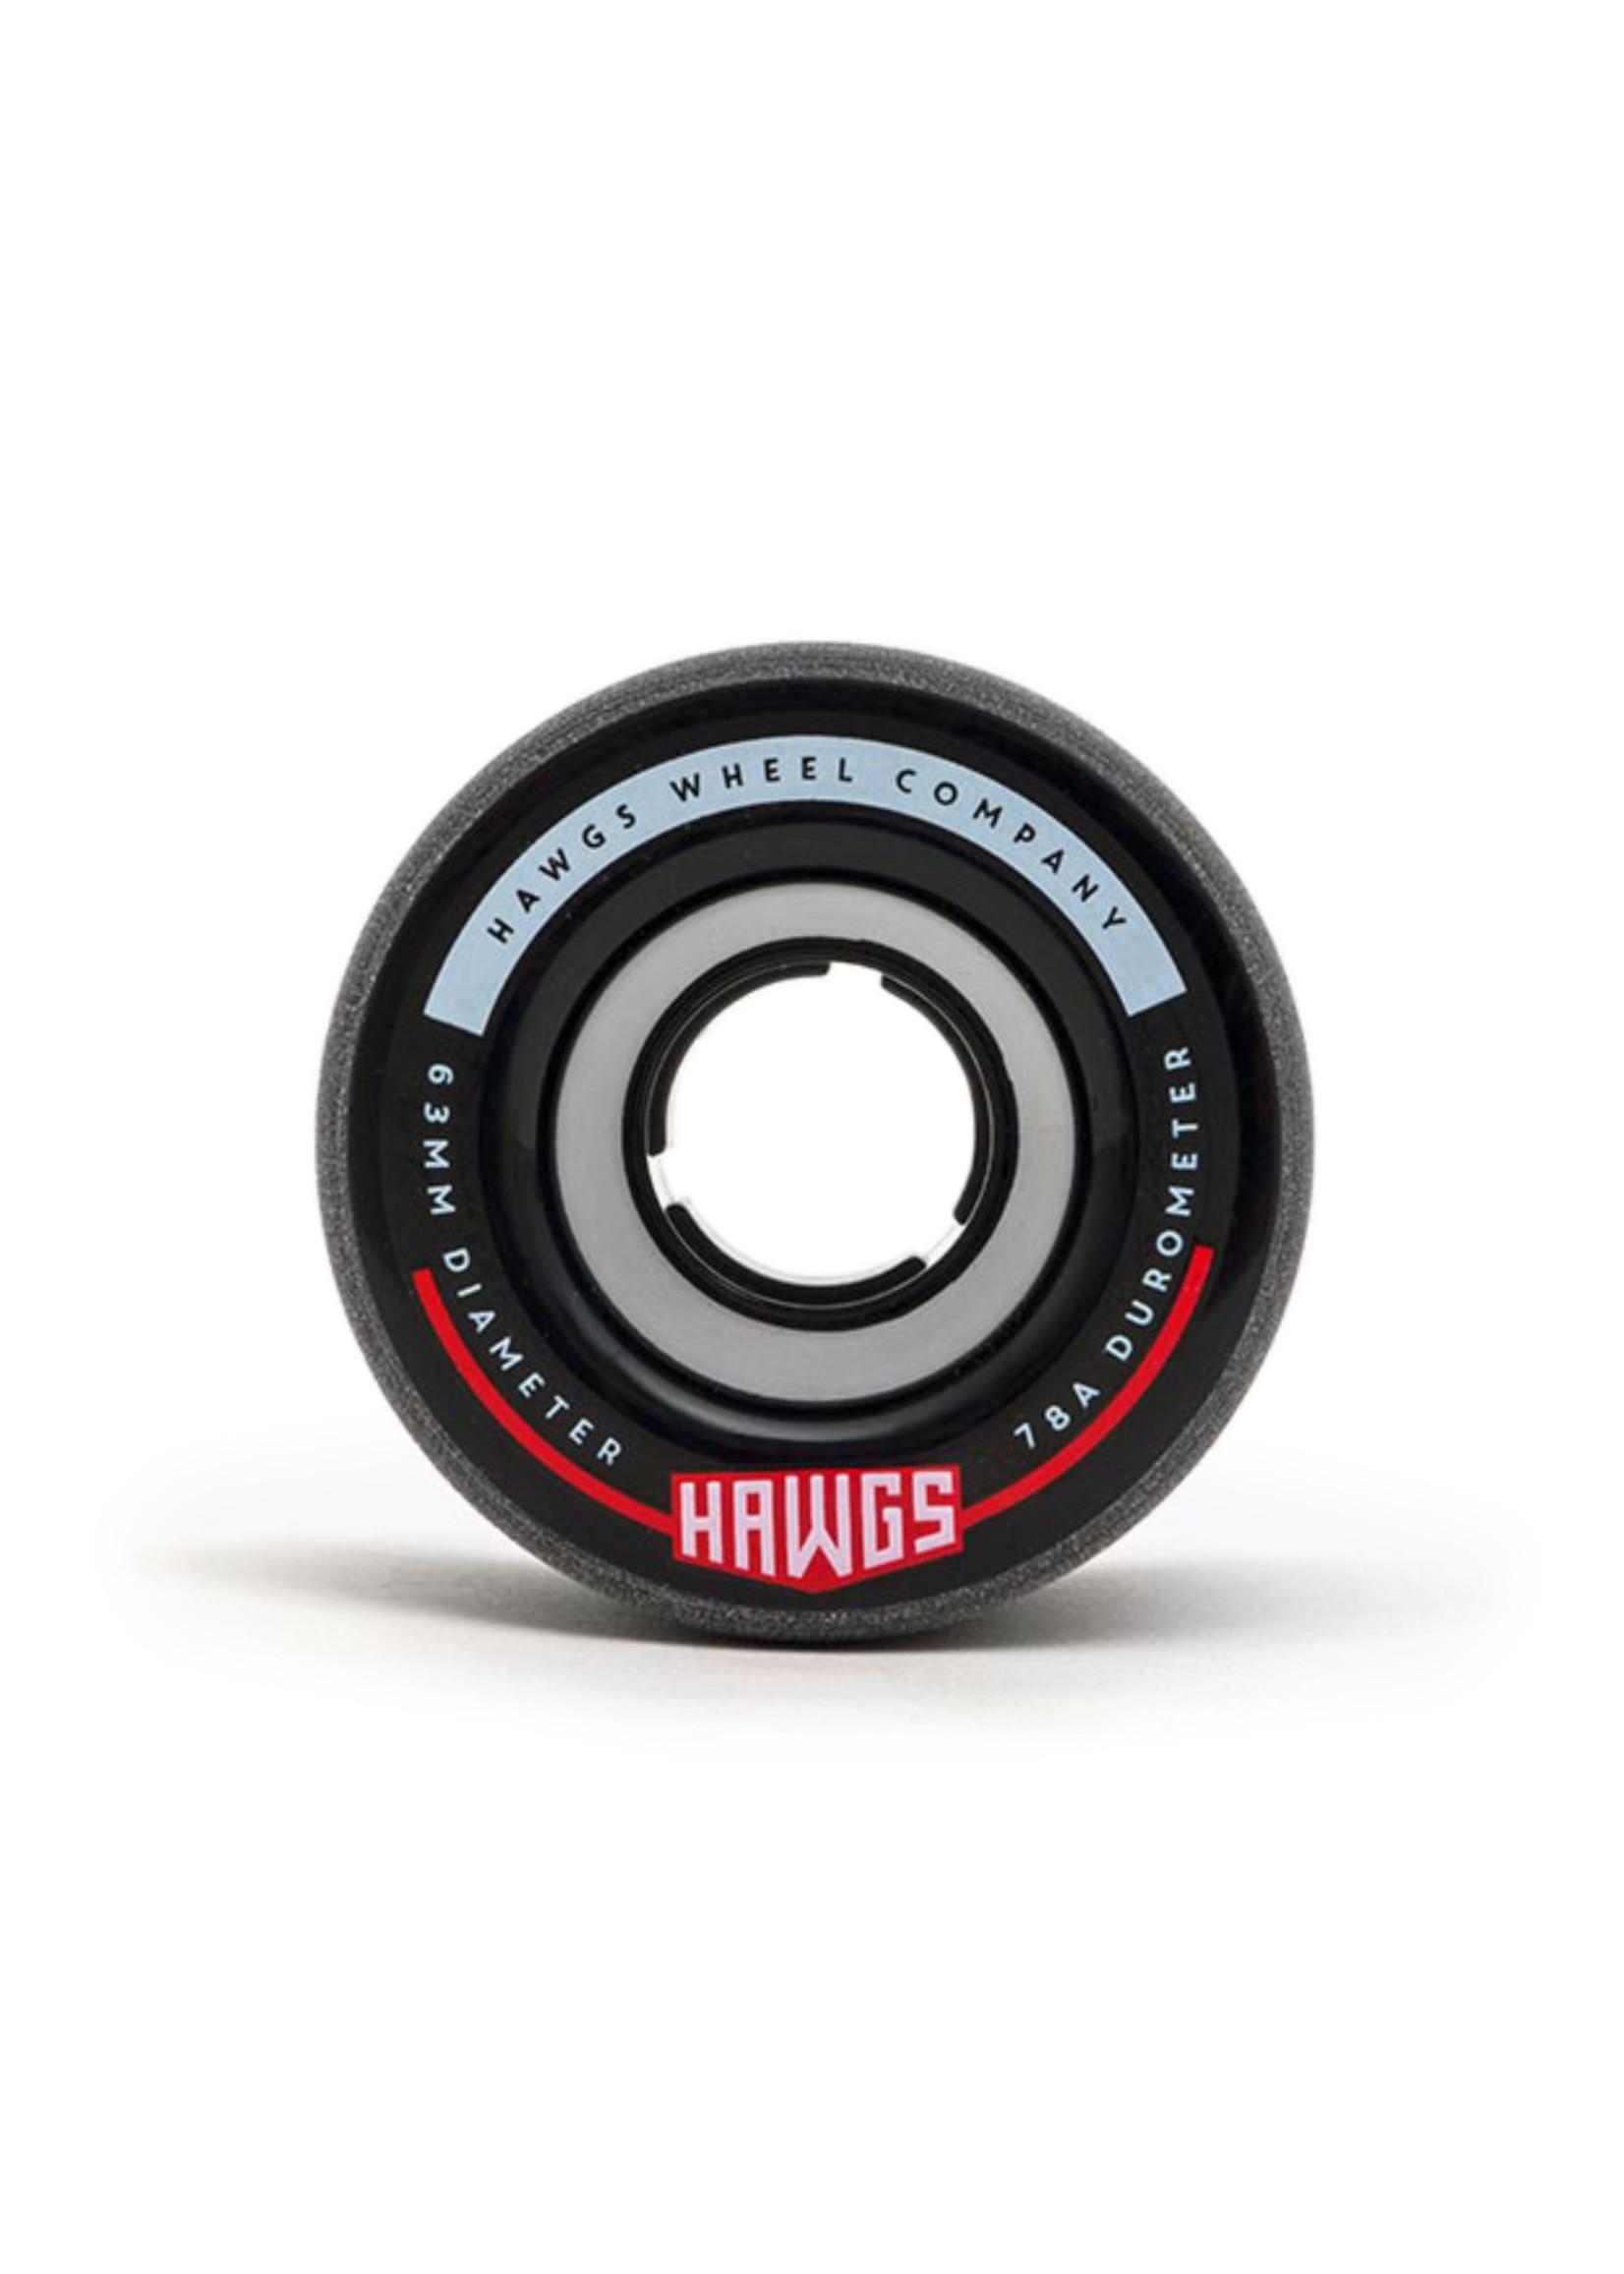 Hawgs Wheels Hawgs Fatty Wheels 63 mm 78A Black Set of 4